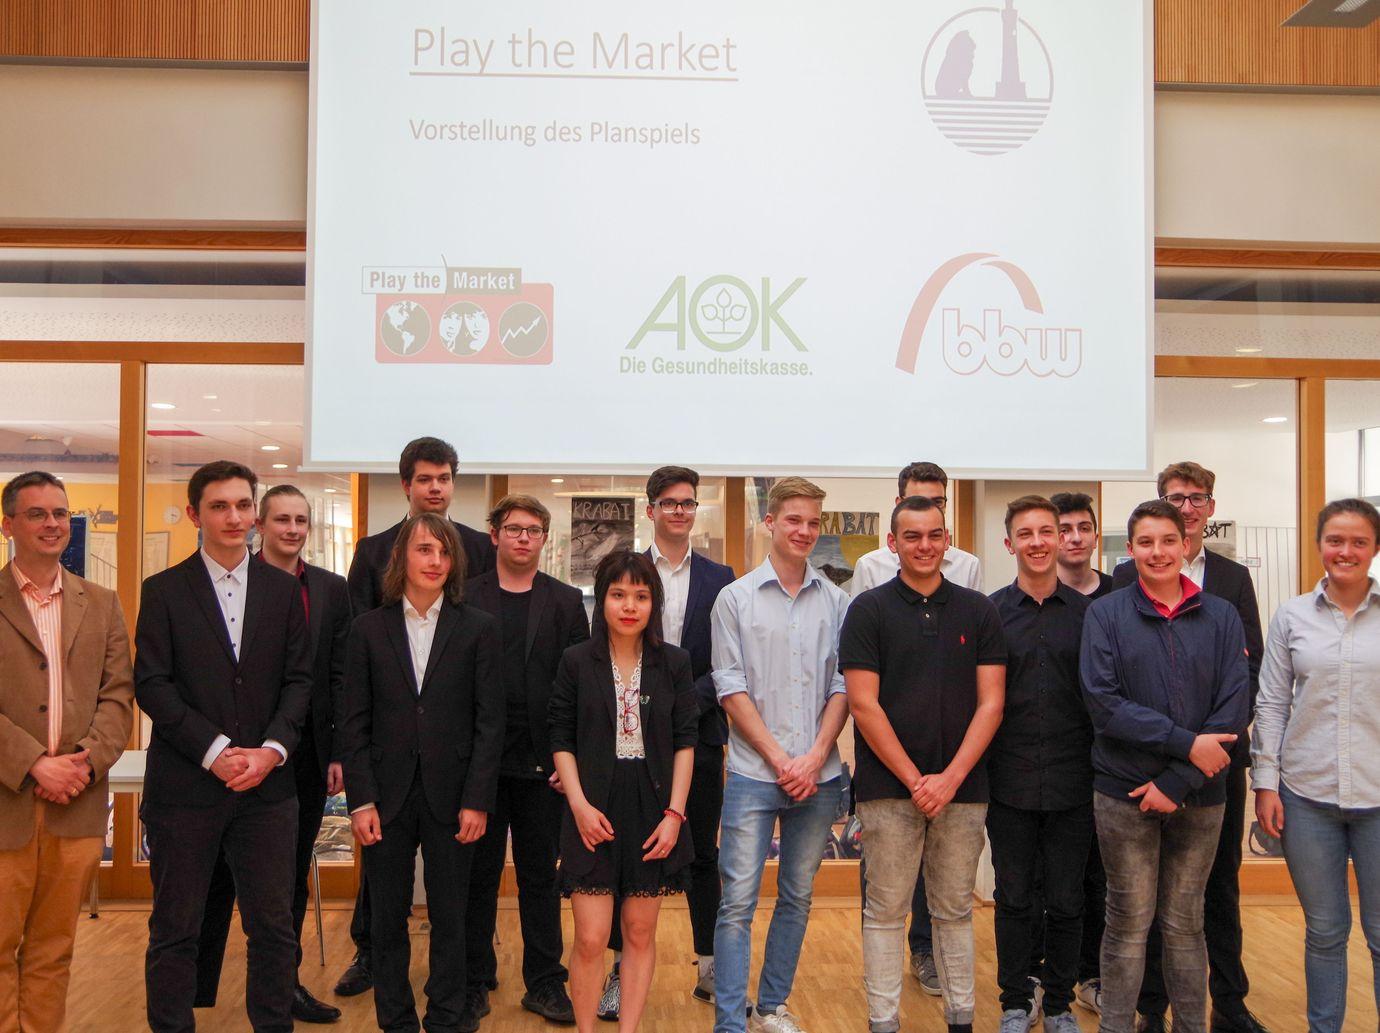 """BOGY-Teams präsentieren ihre Strategie bei """"Play the market"""""""